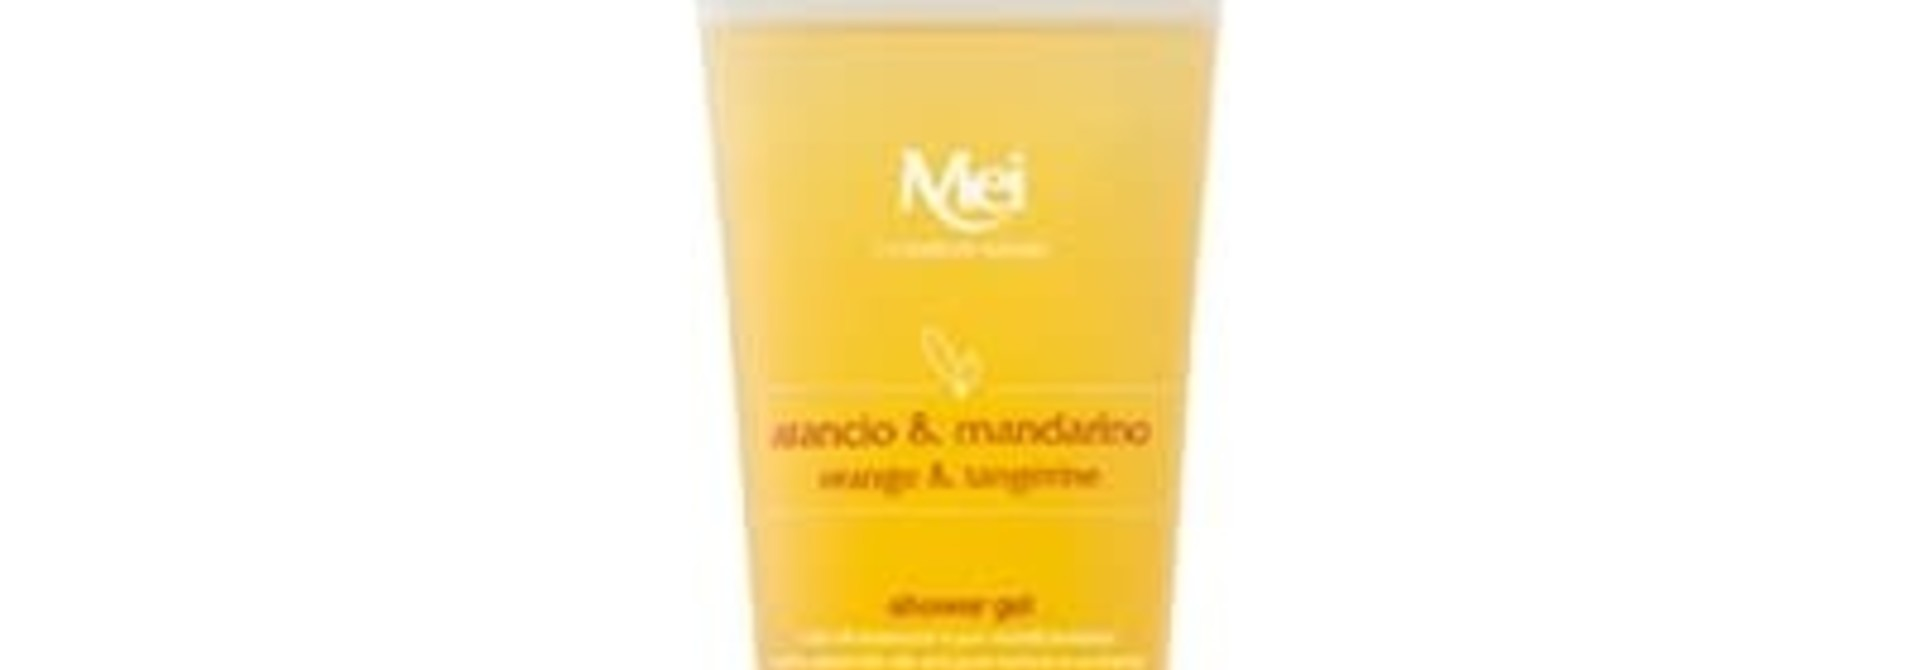 Mei SPA Shower Gel - Orange & Mandarino - Douchegel - Sinaasappel & Mandarijn